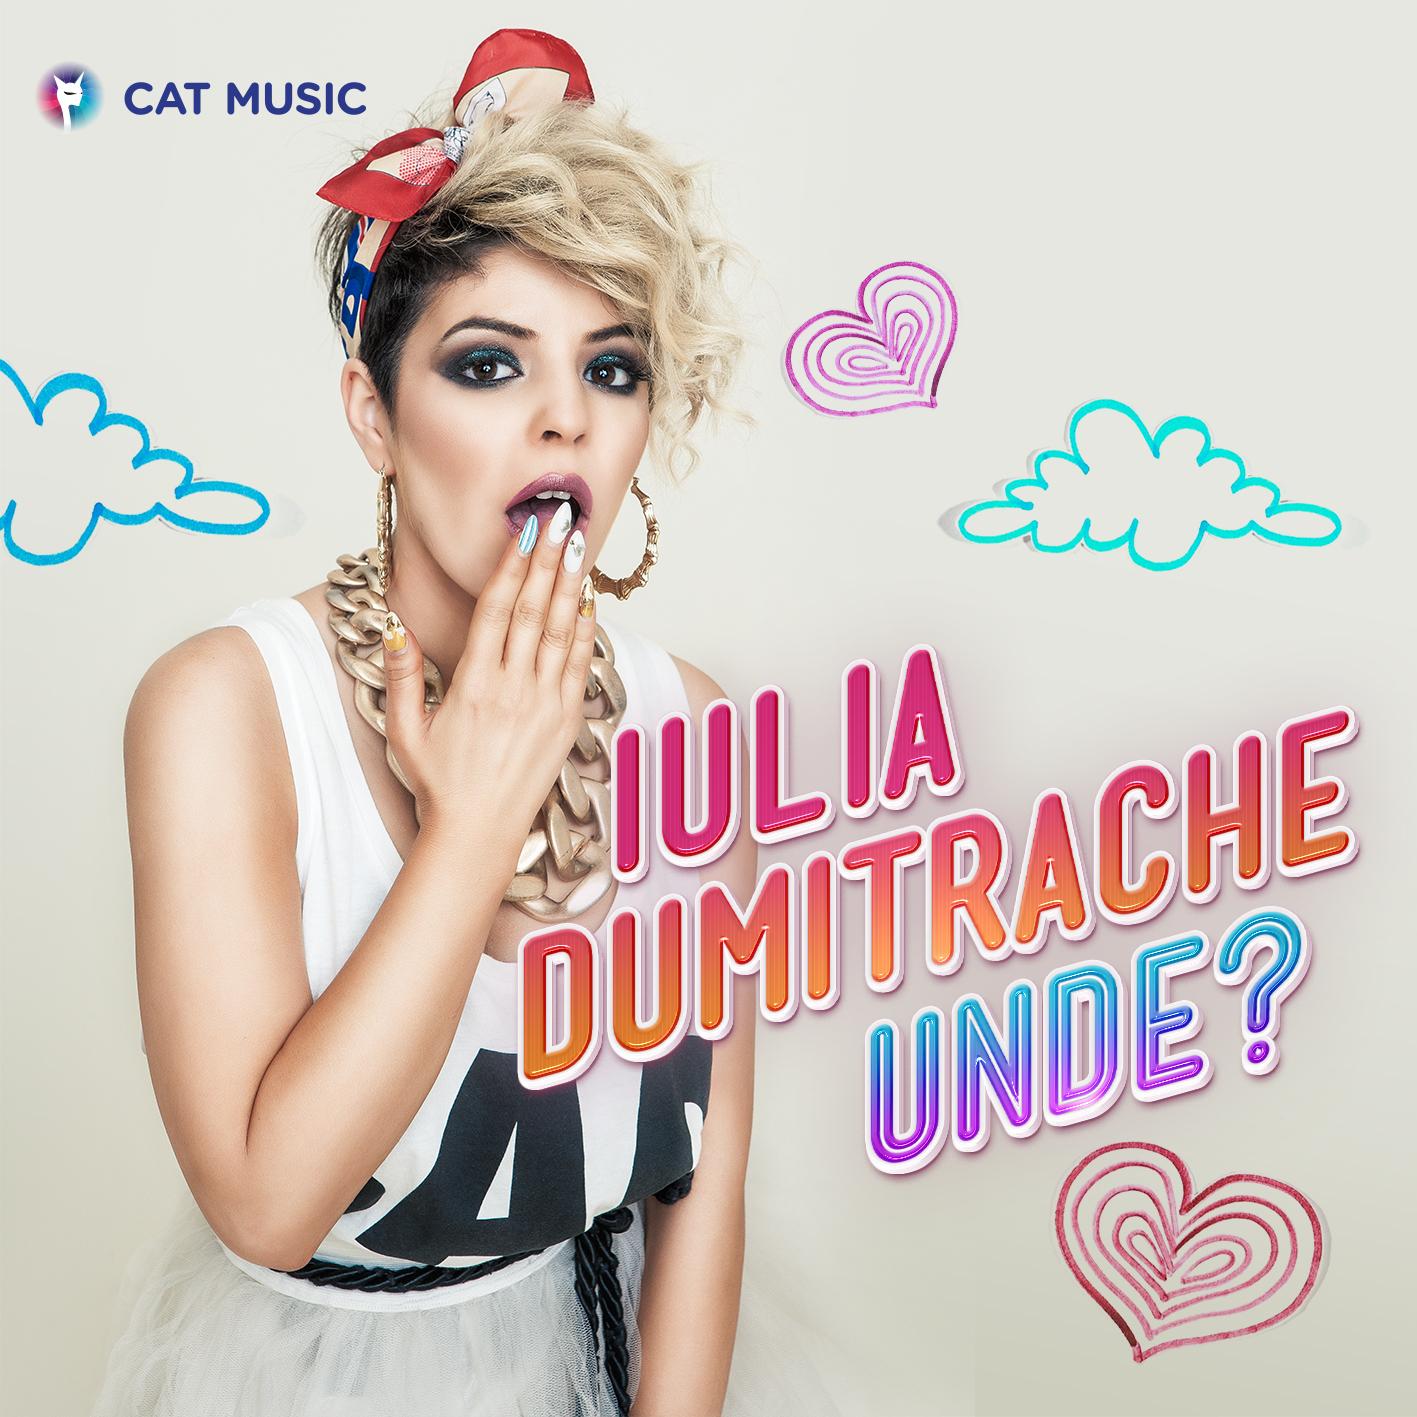 iulia dumitrache - itunes cover2